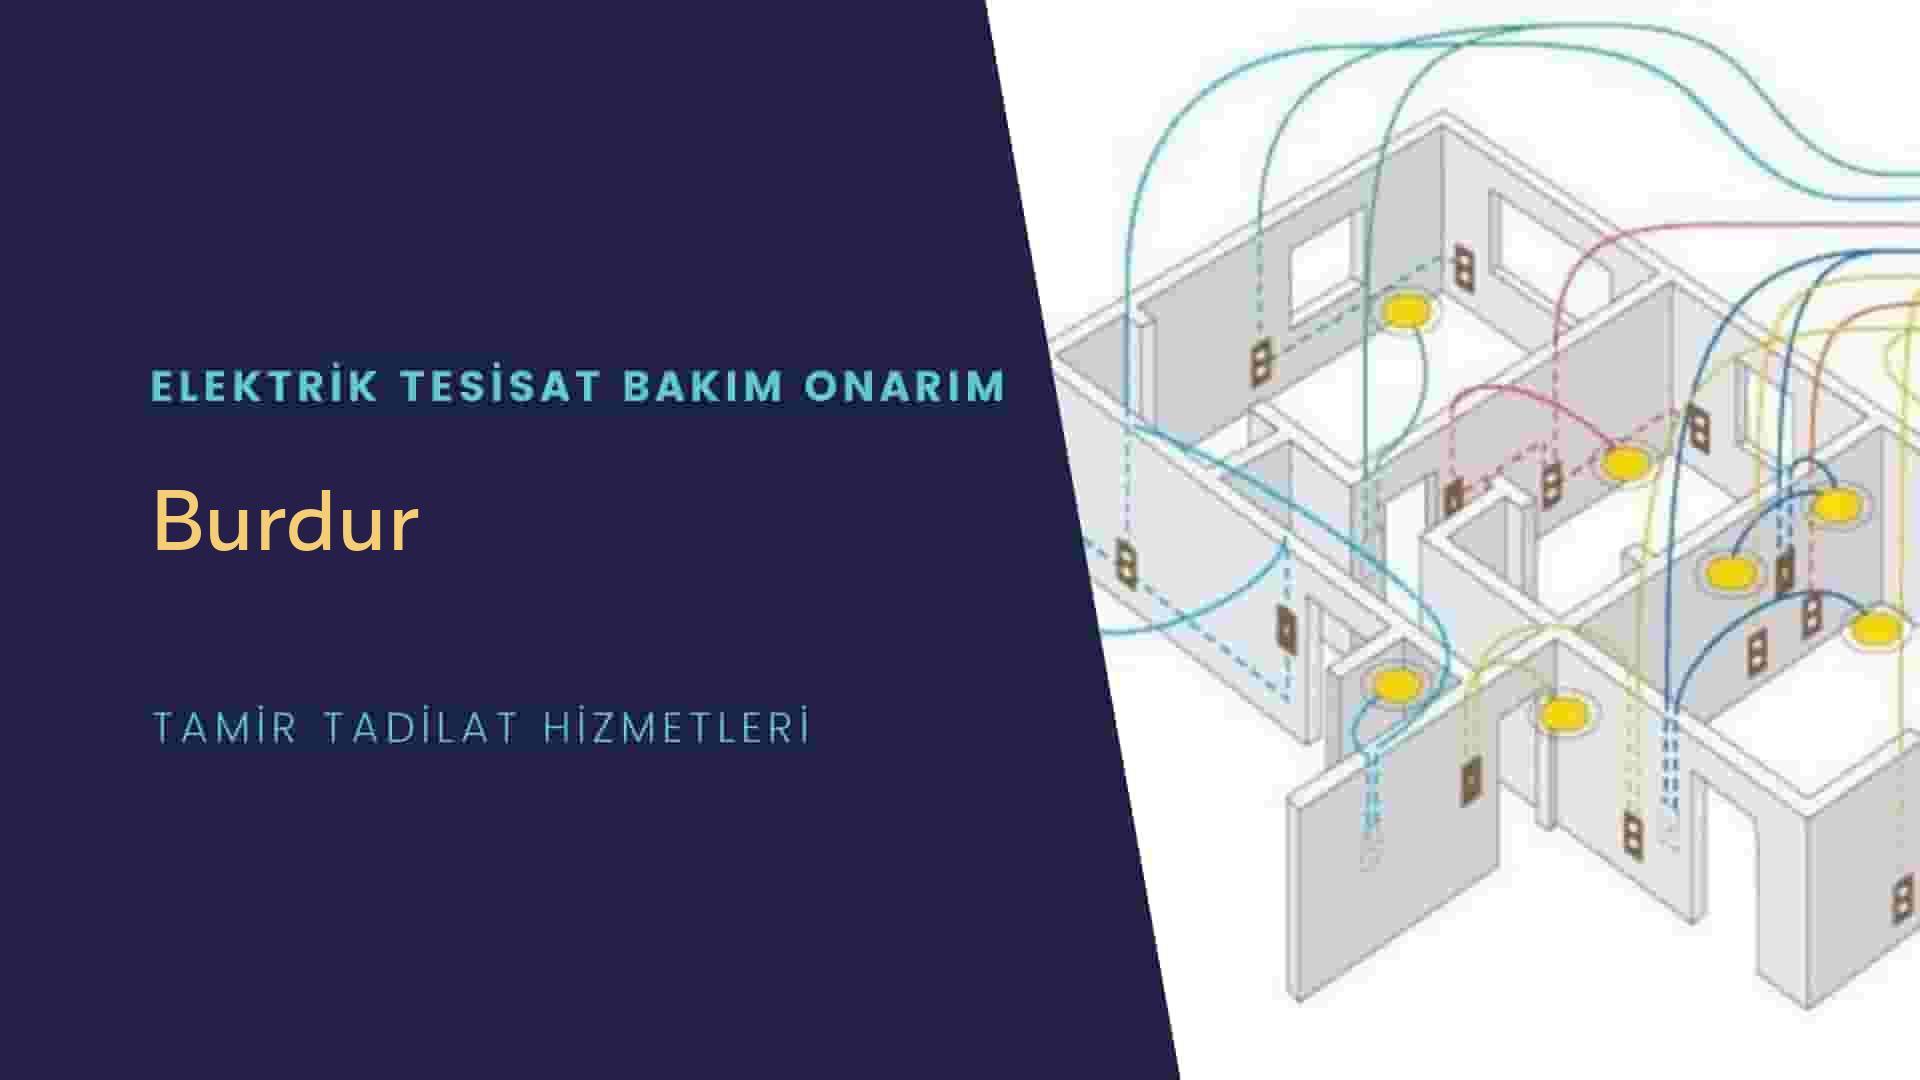 Burdur'da elektrik tesisatıustalarımı arıyorsunuz doğru adrestenizi Burdur elektrik tesisatı ustalarımız 7/24 sizlere hizmet vermekten mutluluk duyar.